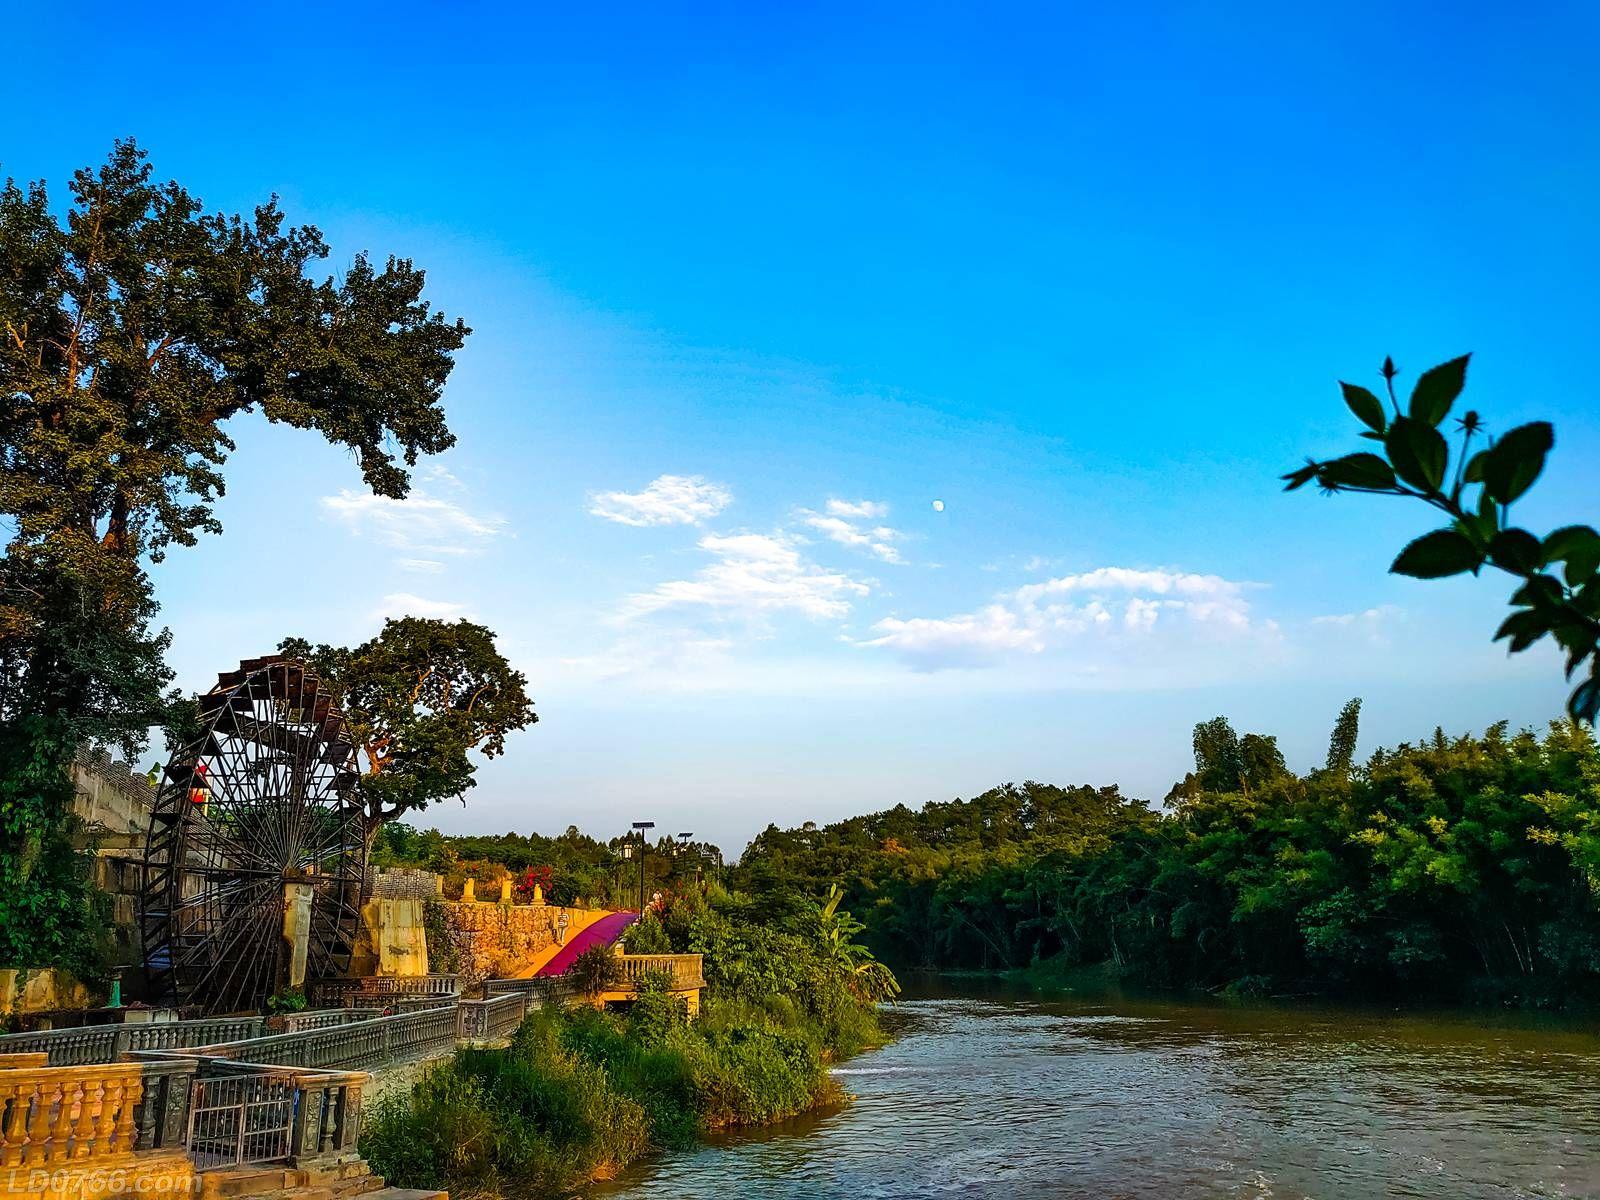 罗定黎少田心牛角坝,美丽乡村的模范